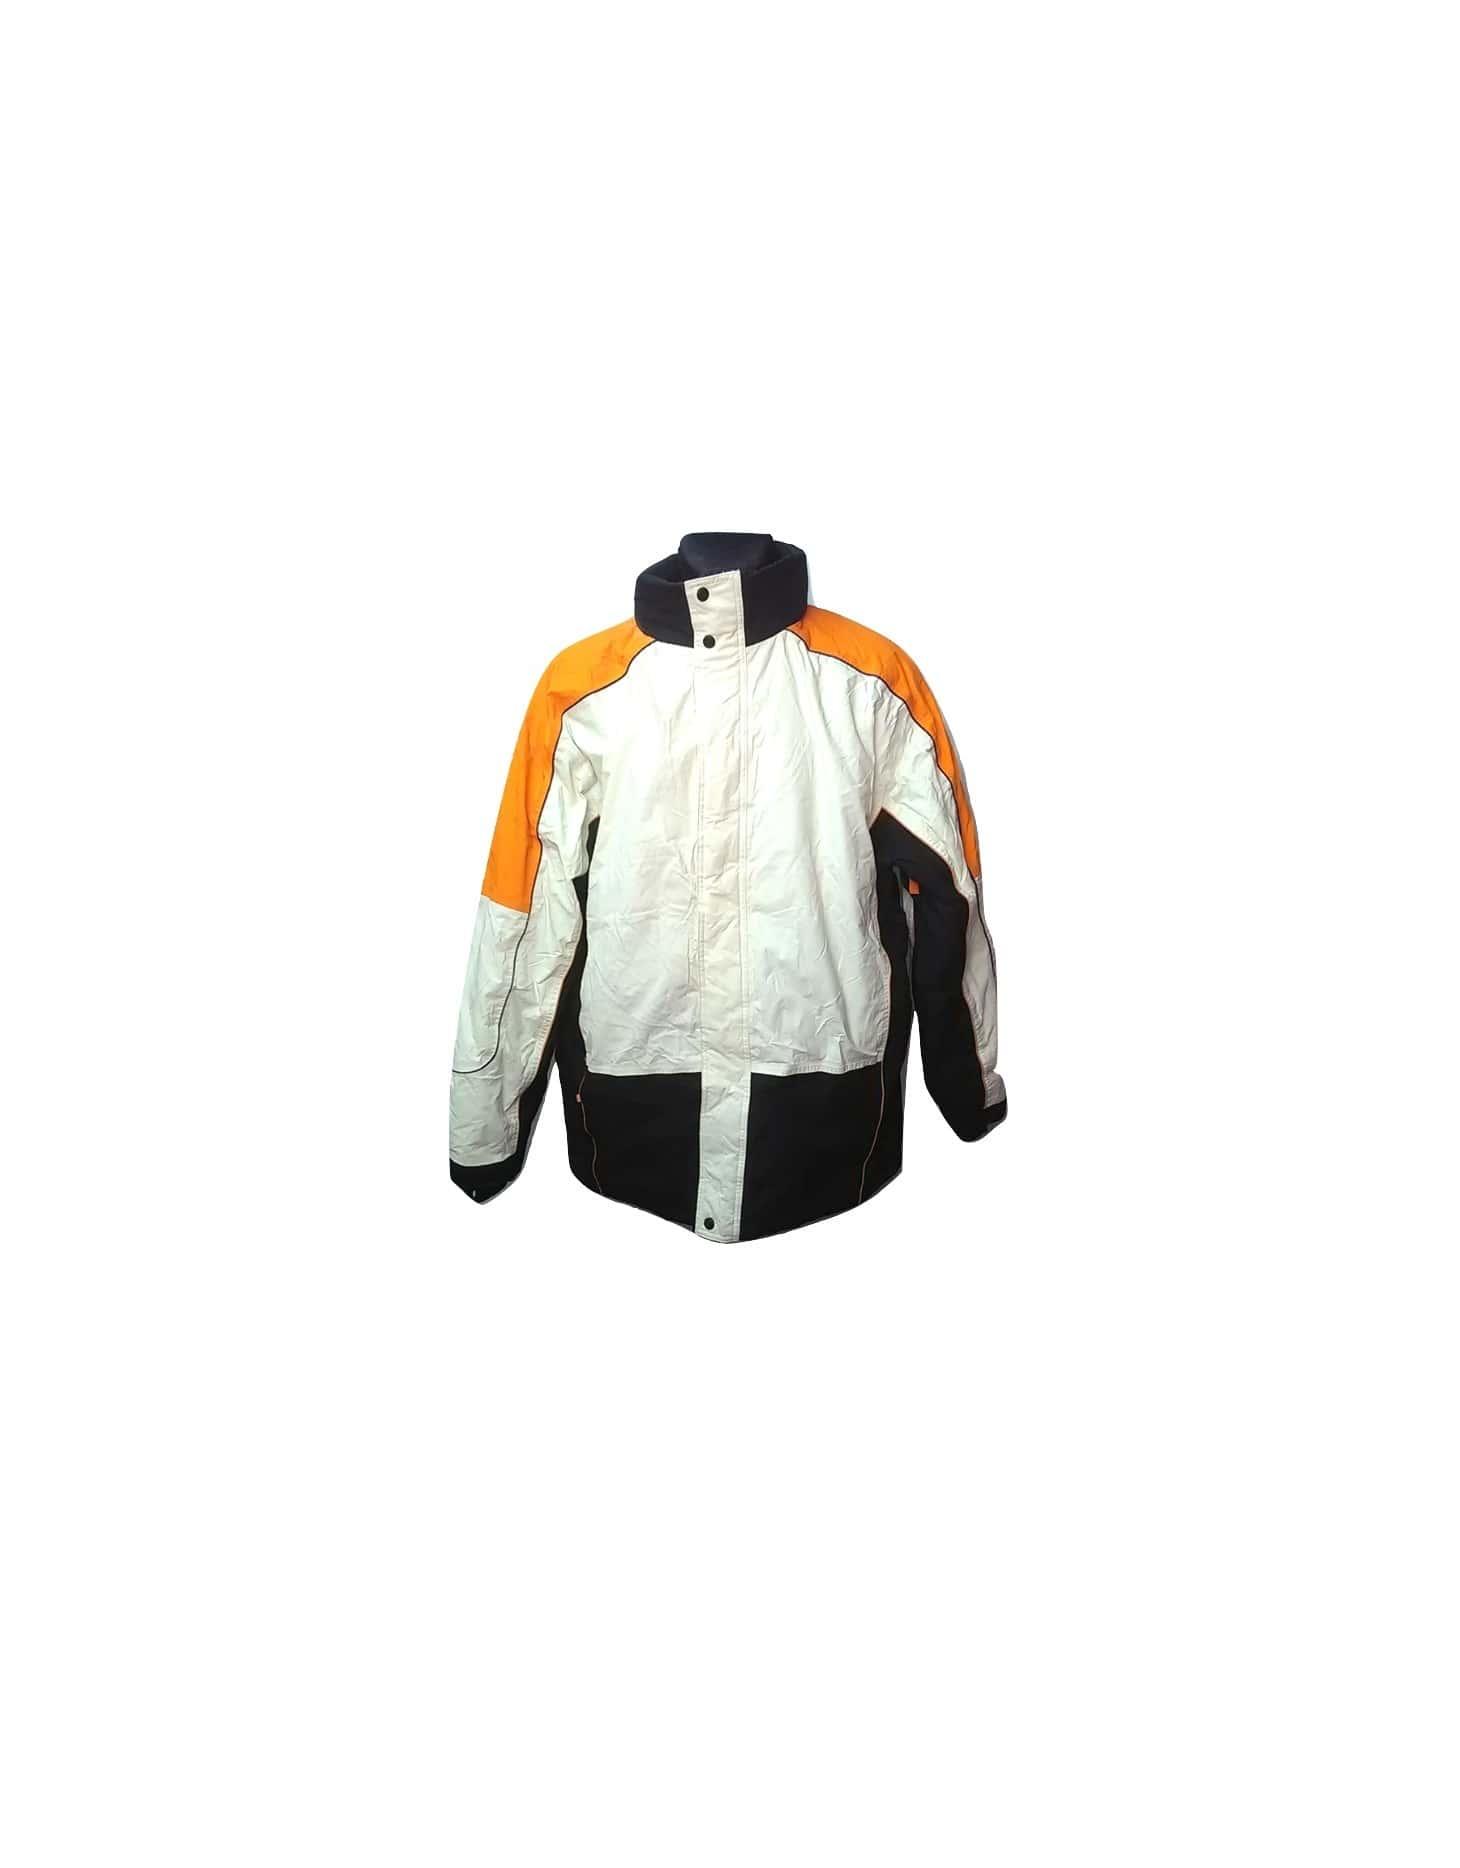 Baltas-oranžinis bliuzonas, 46 dydis